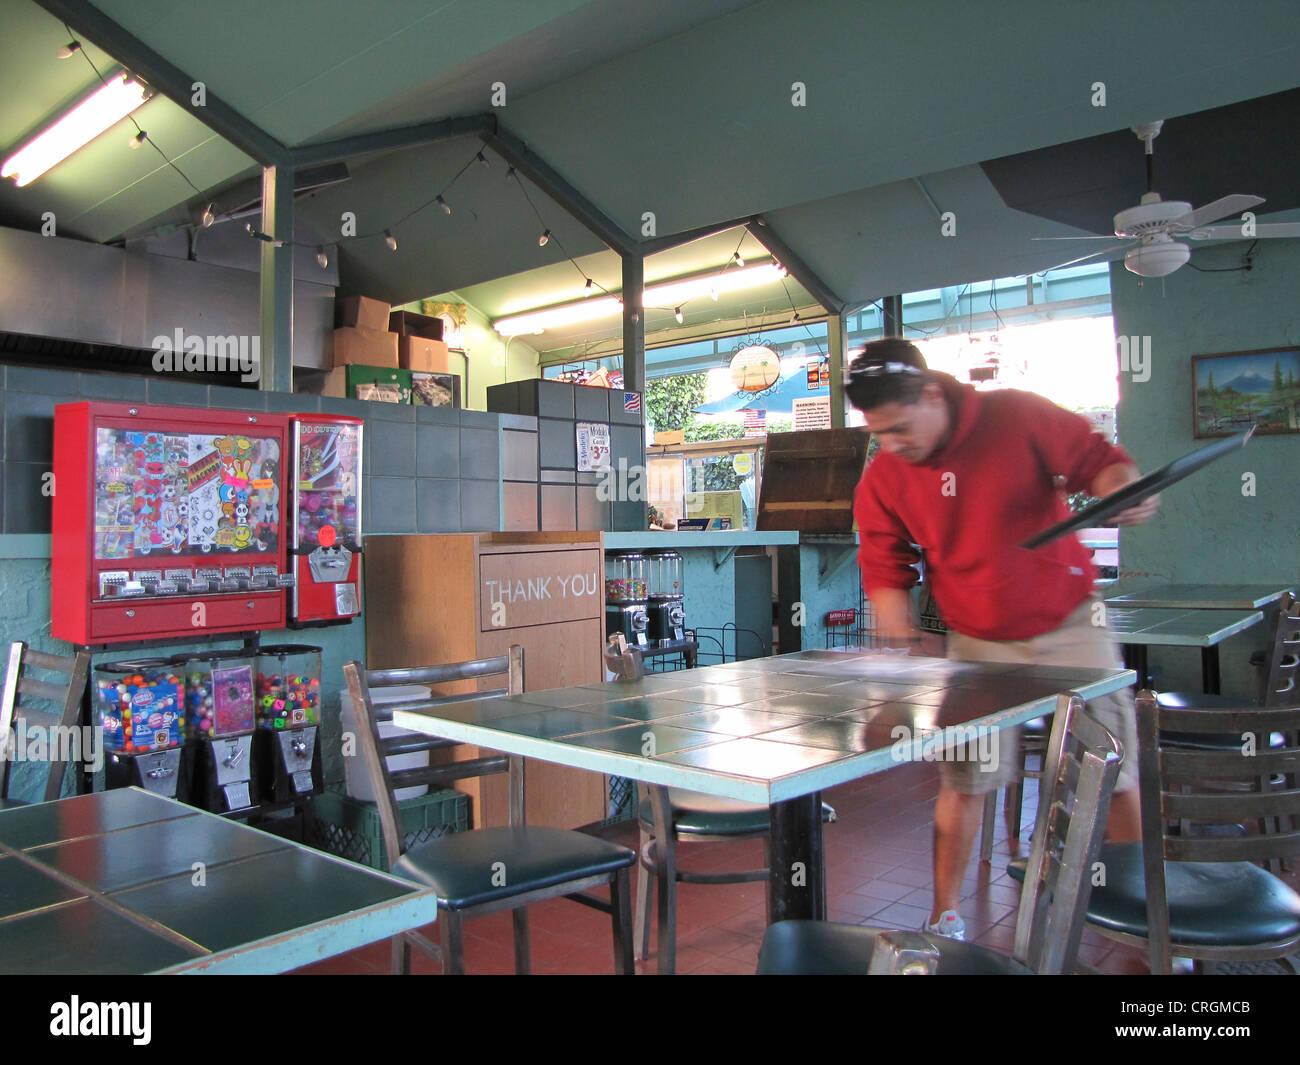 Table de l'homme dans le fast-food américain, chewing-gum machine dans la partie gauche de l'image, Photo Stock